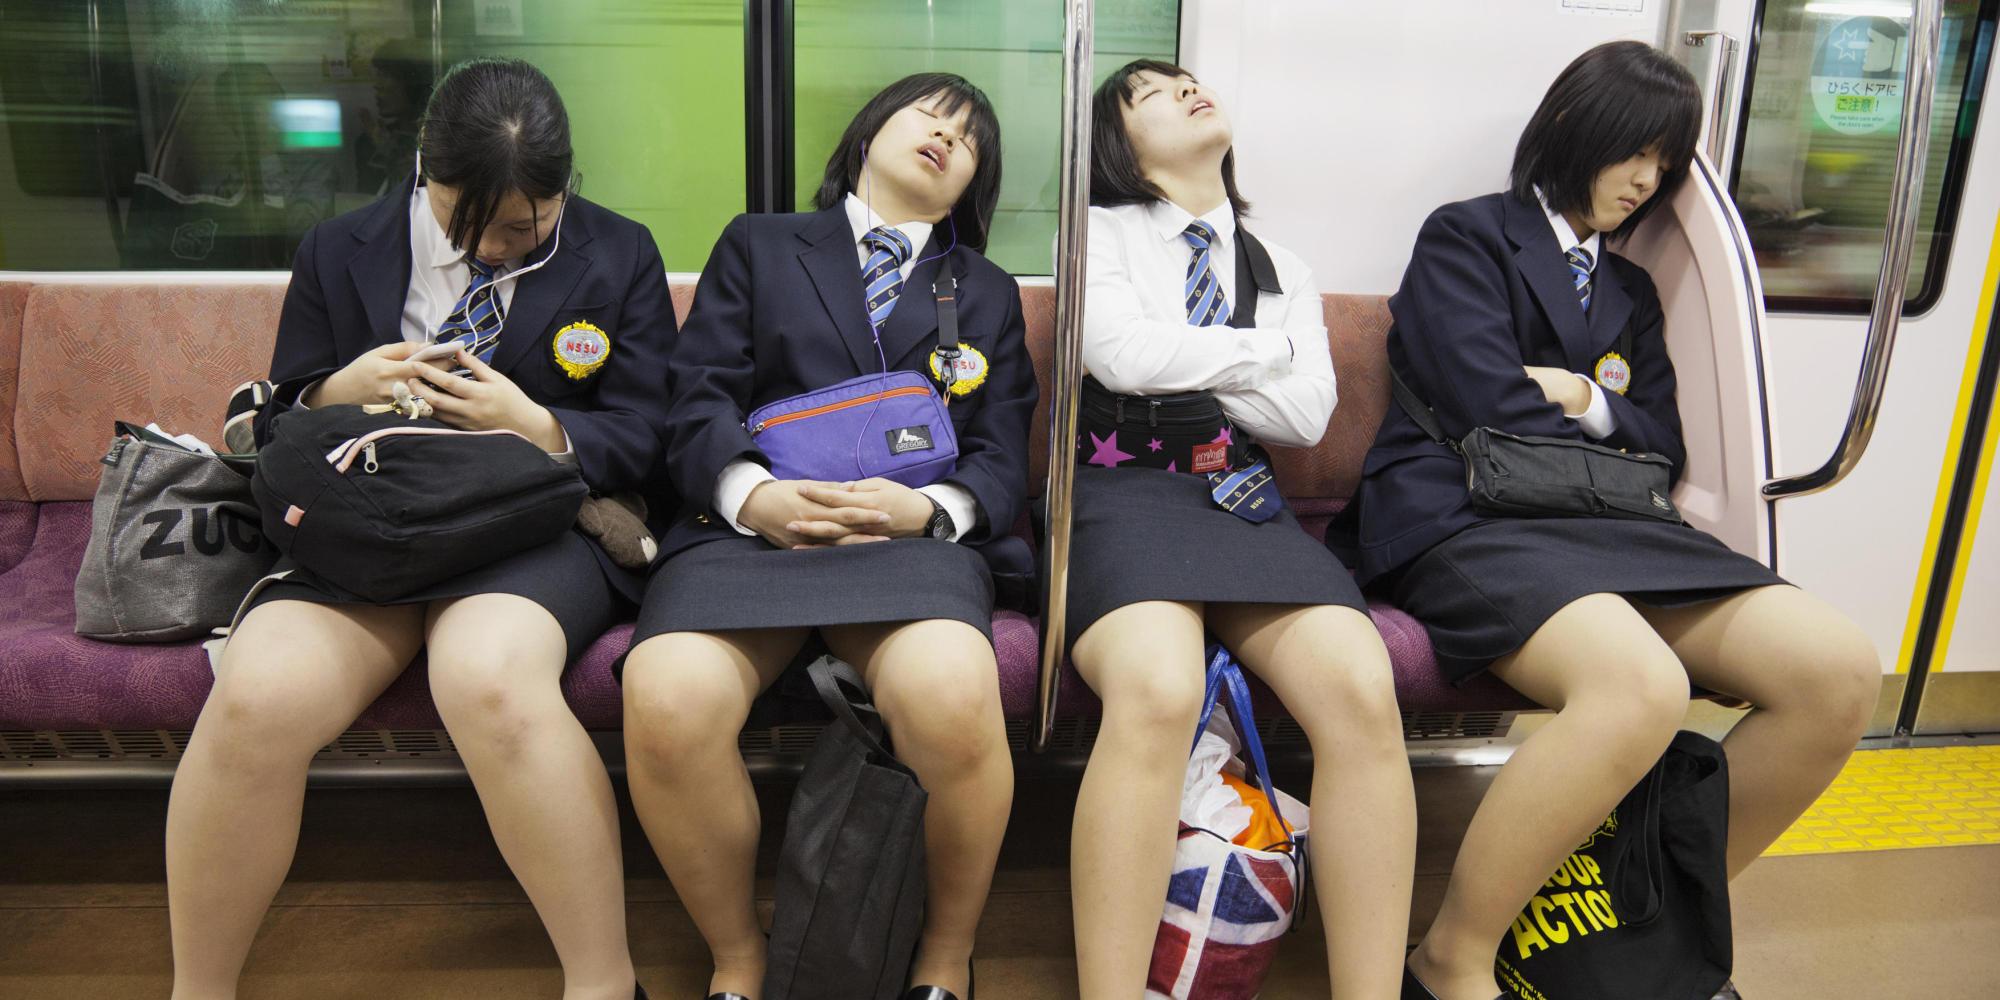 Срывают с японки, Японку рвут - видео rate Keys HD 5 фотография